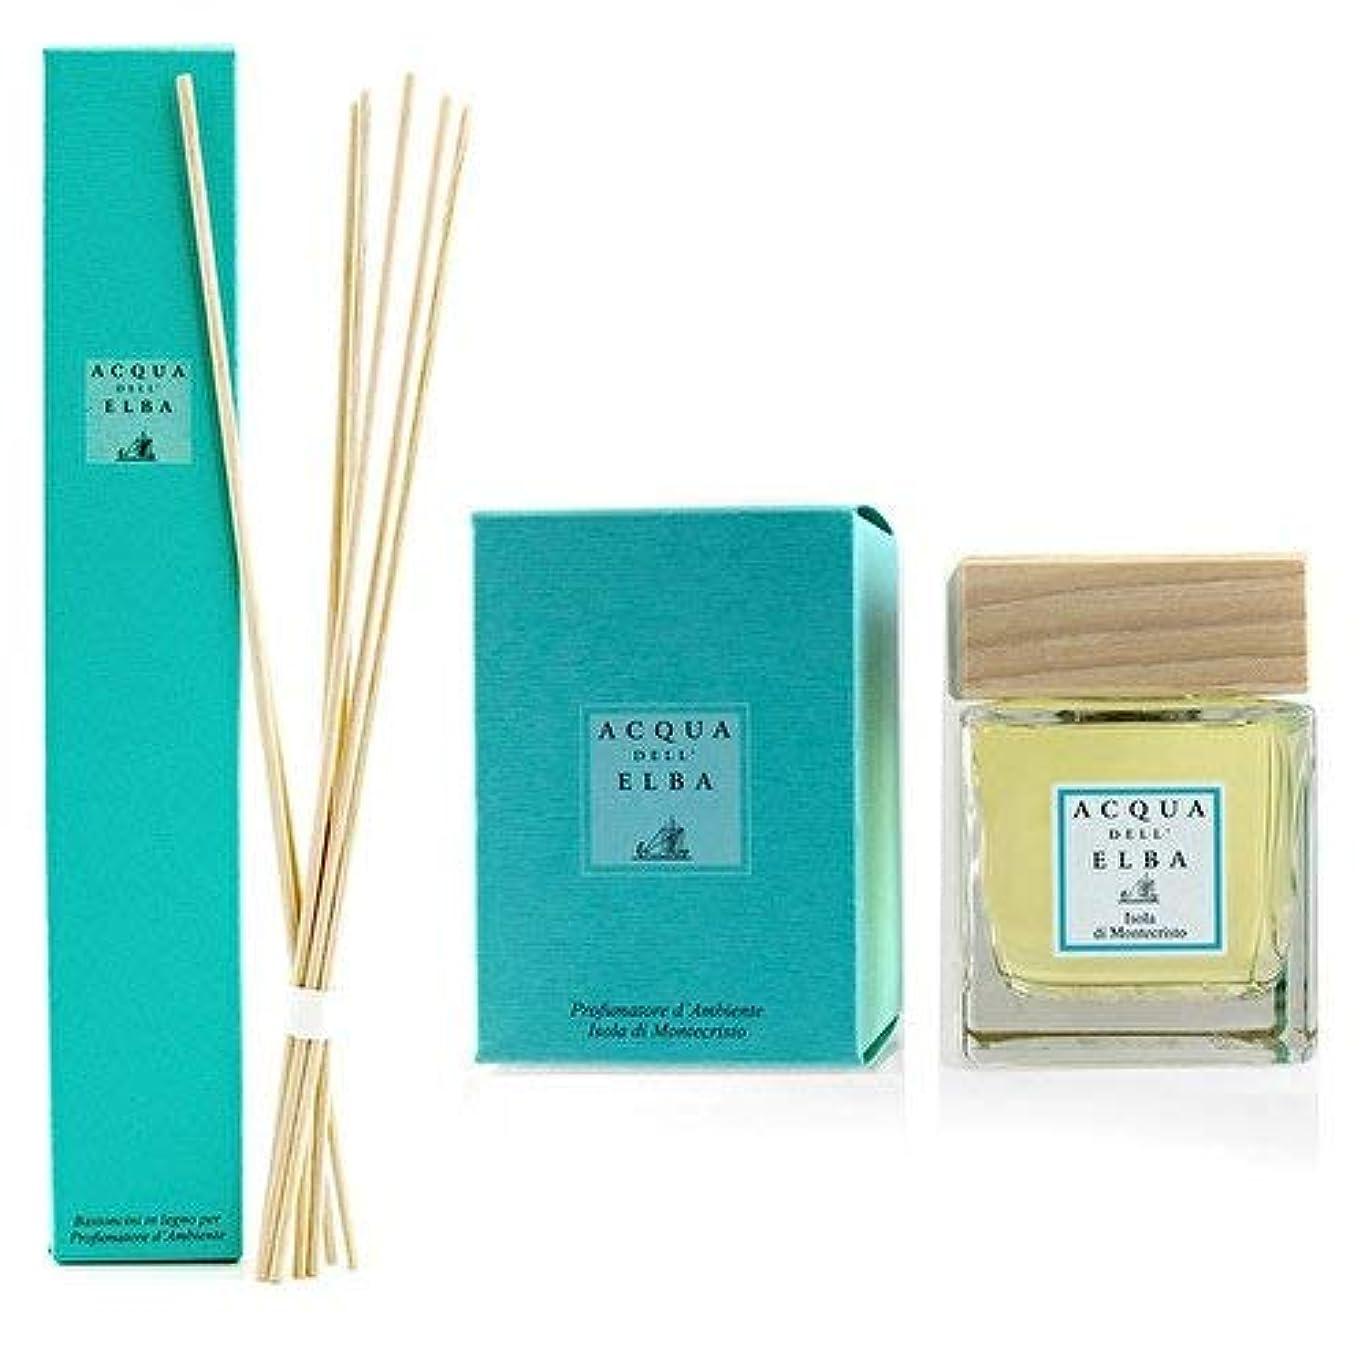 つかいます夜間一緒にアクア?デッレ?エルバ Home Fragrance Diffuser - Isola Di Montecristo 200ml/6.8oz並行輸入品